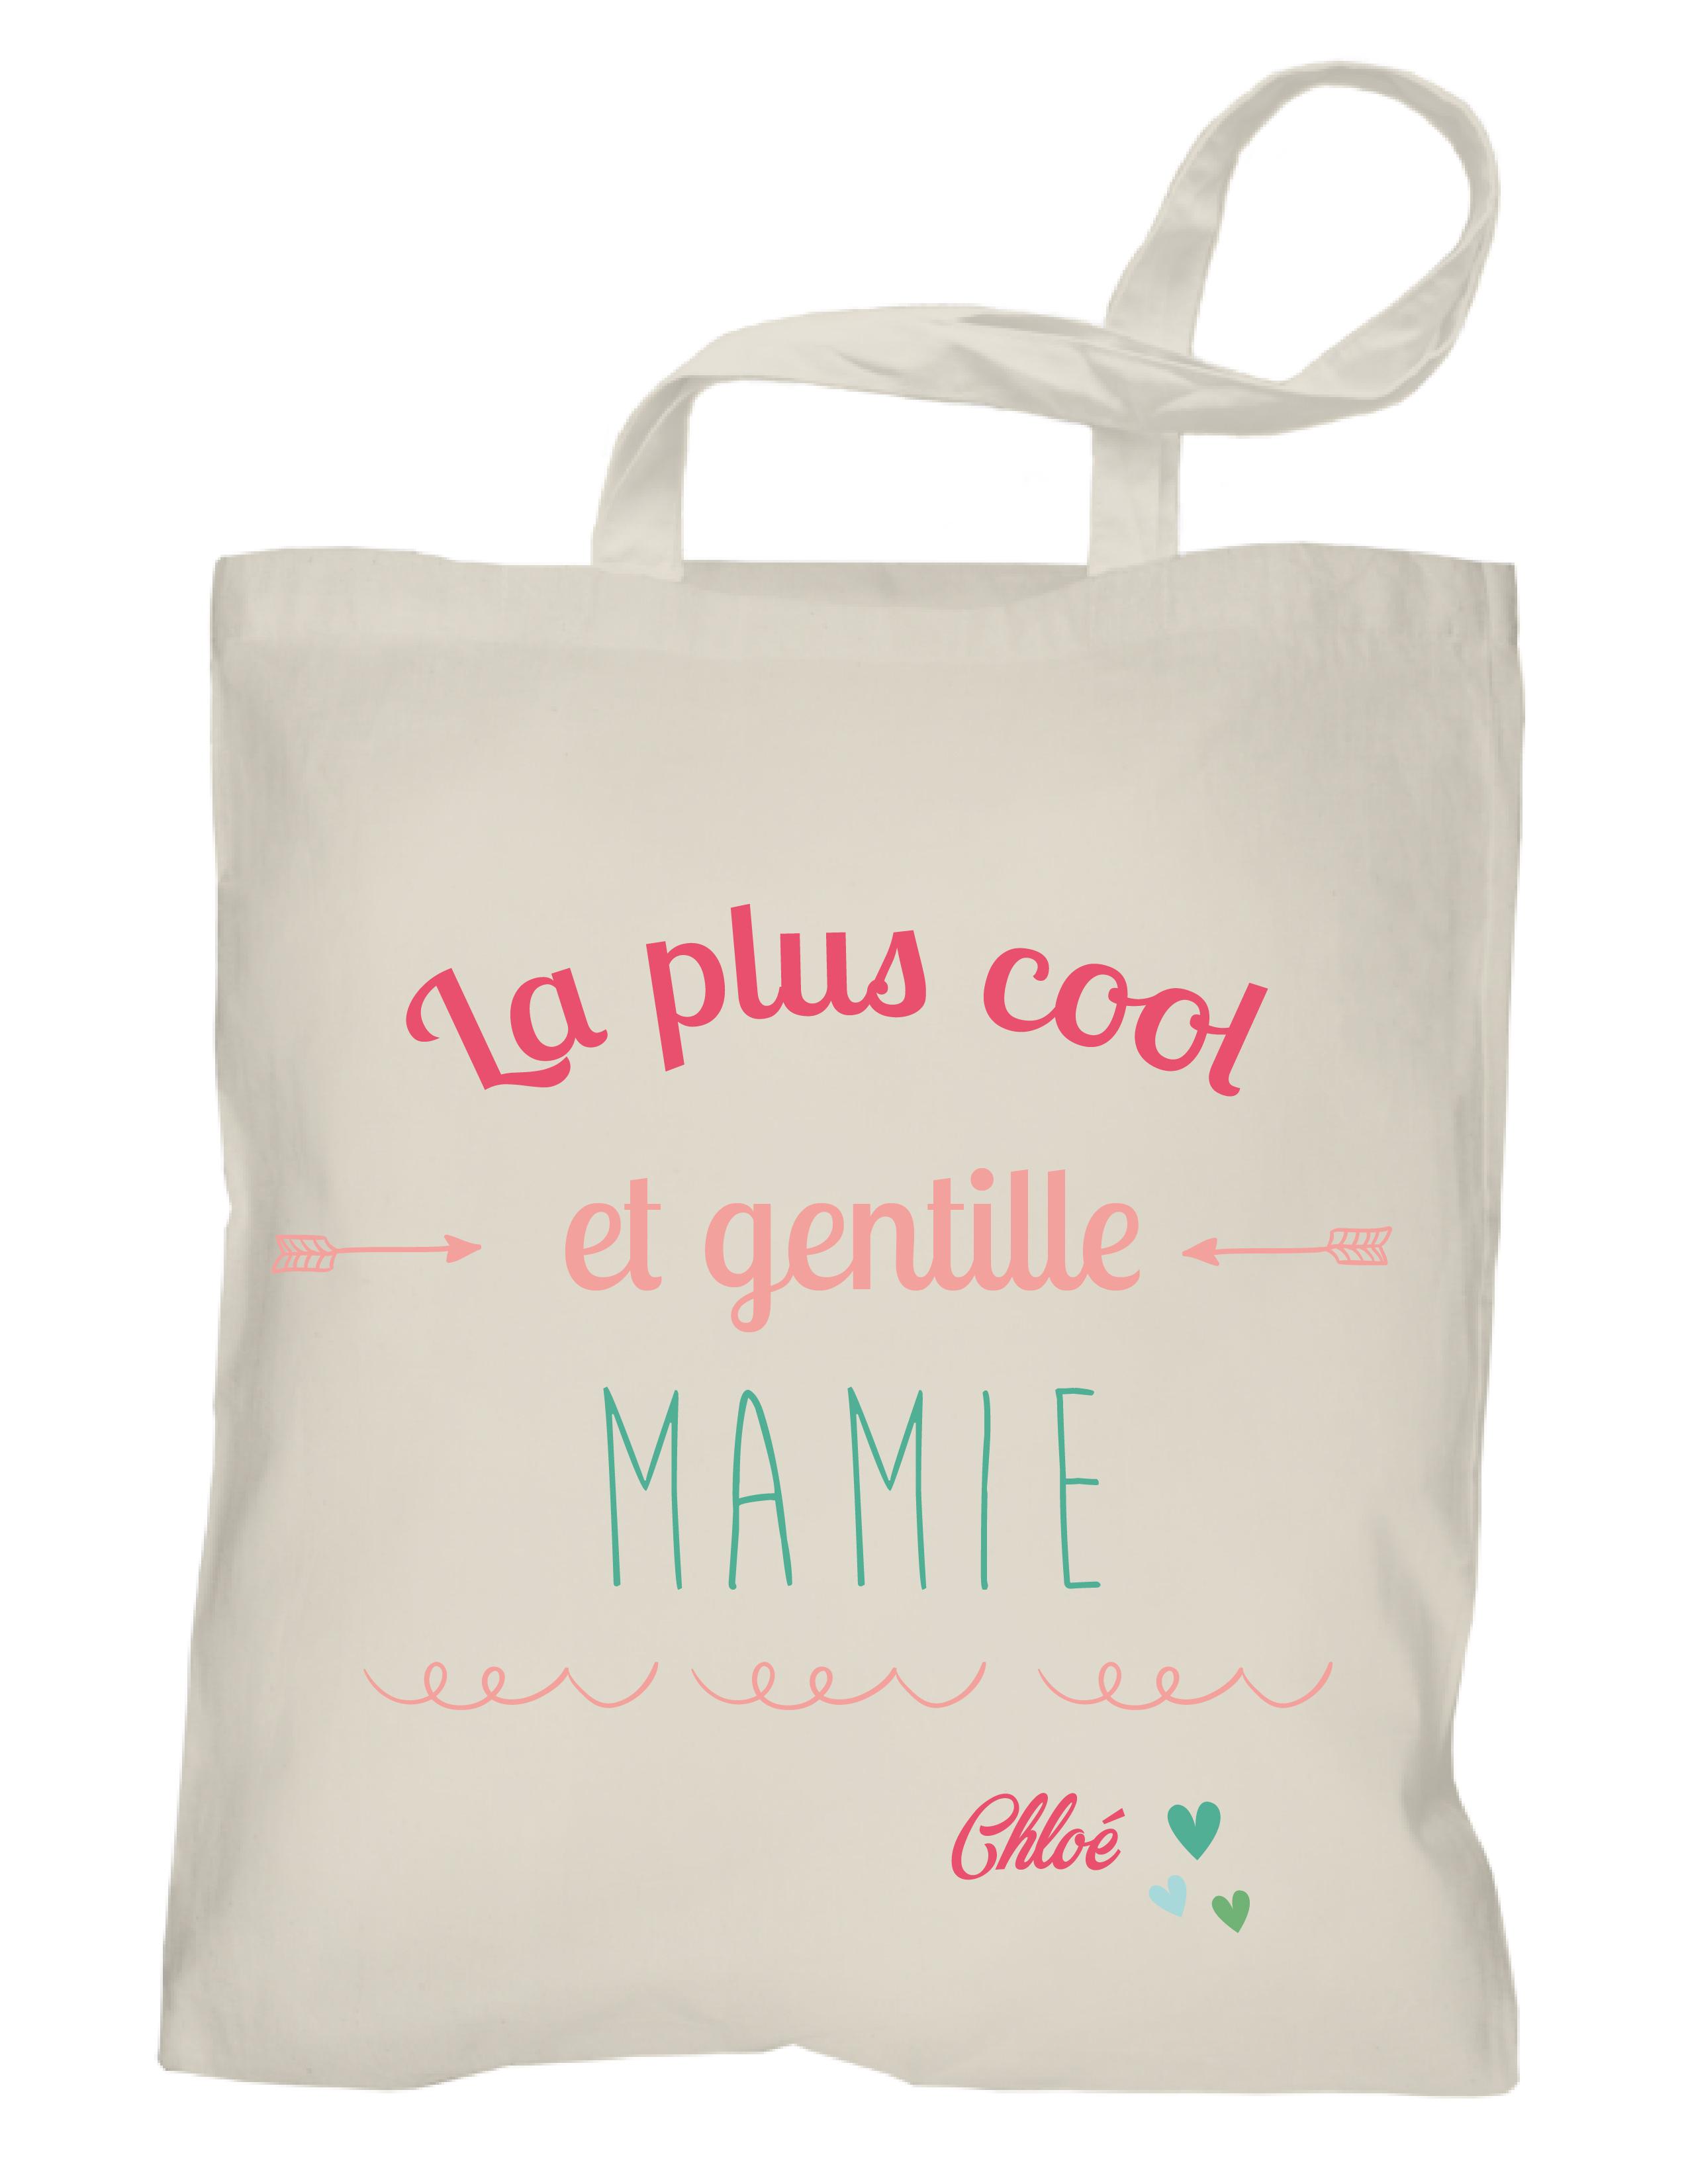 870bbc38ae794d Mamie Cool - rose personnalisé